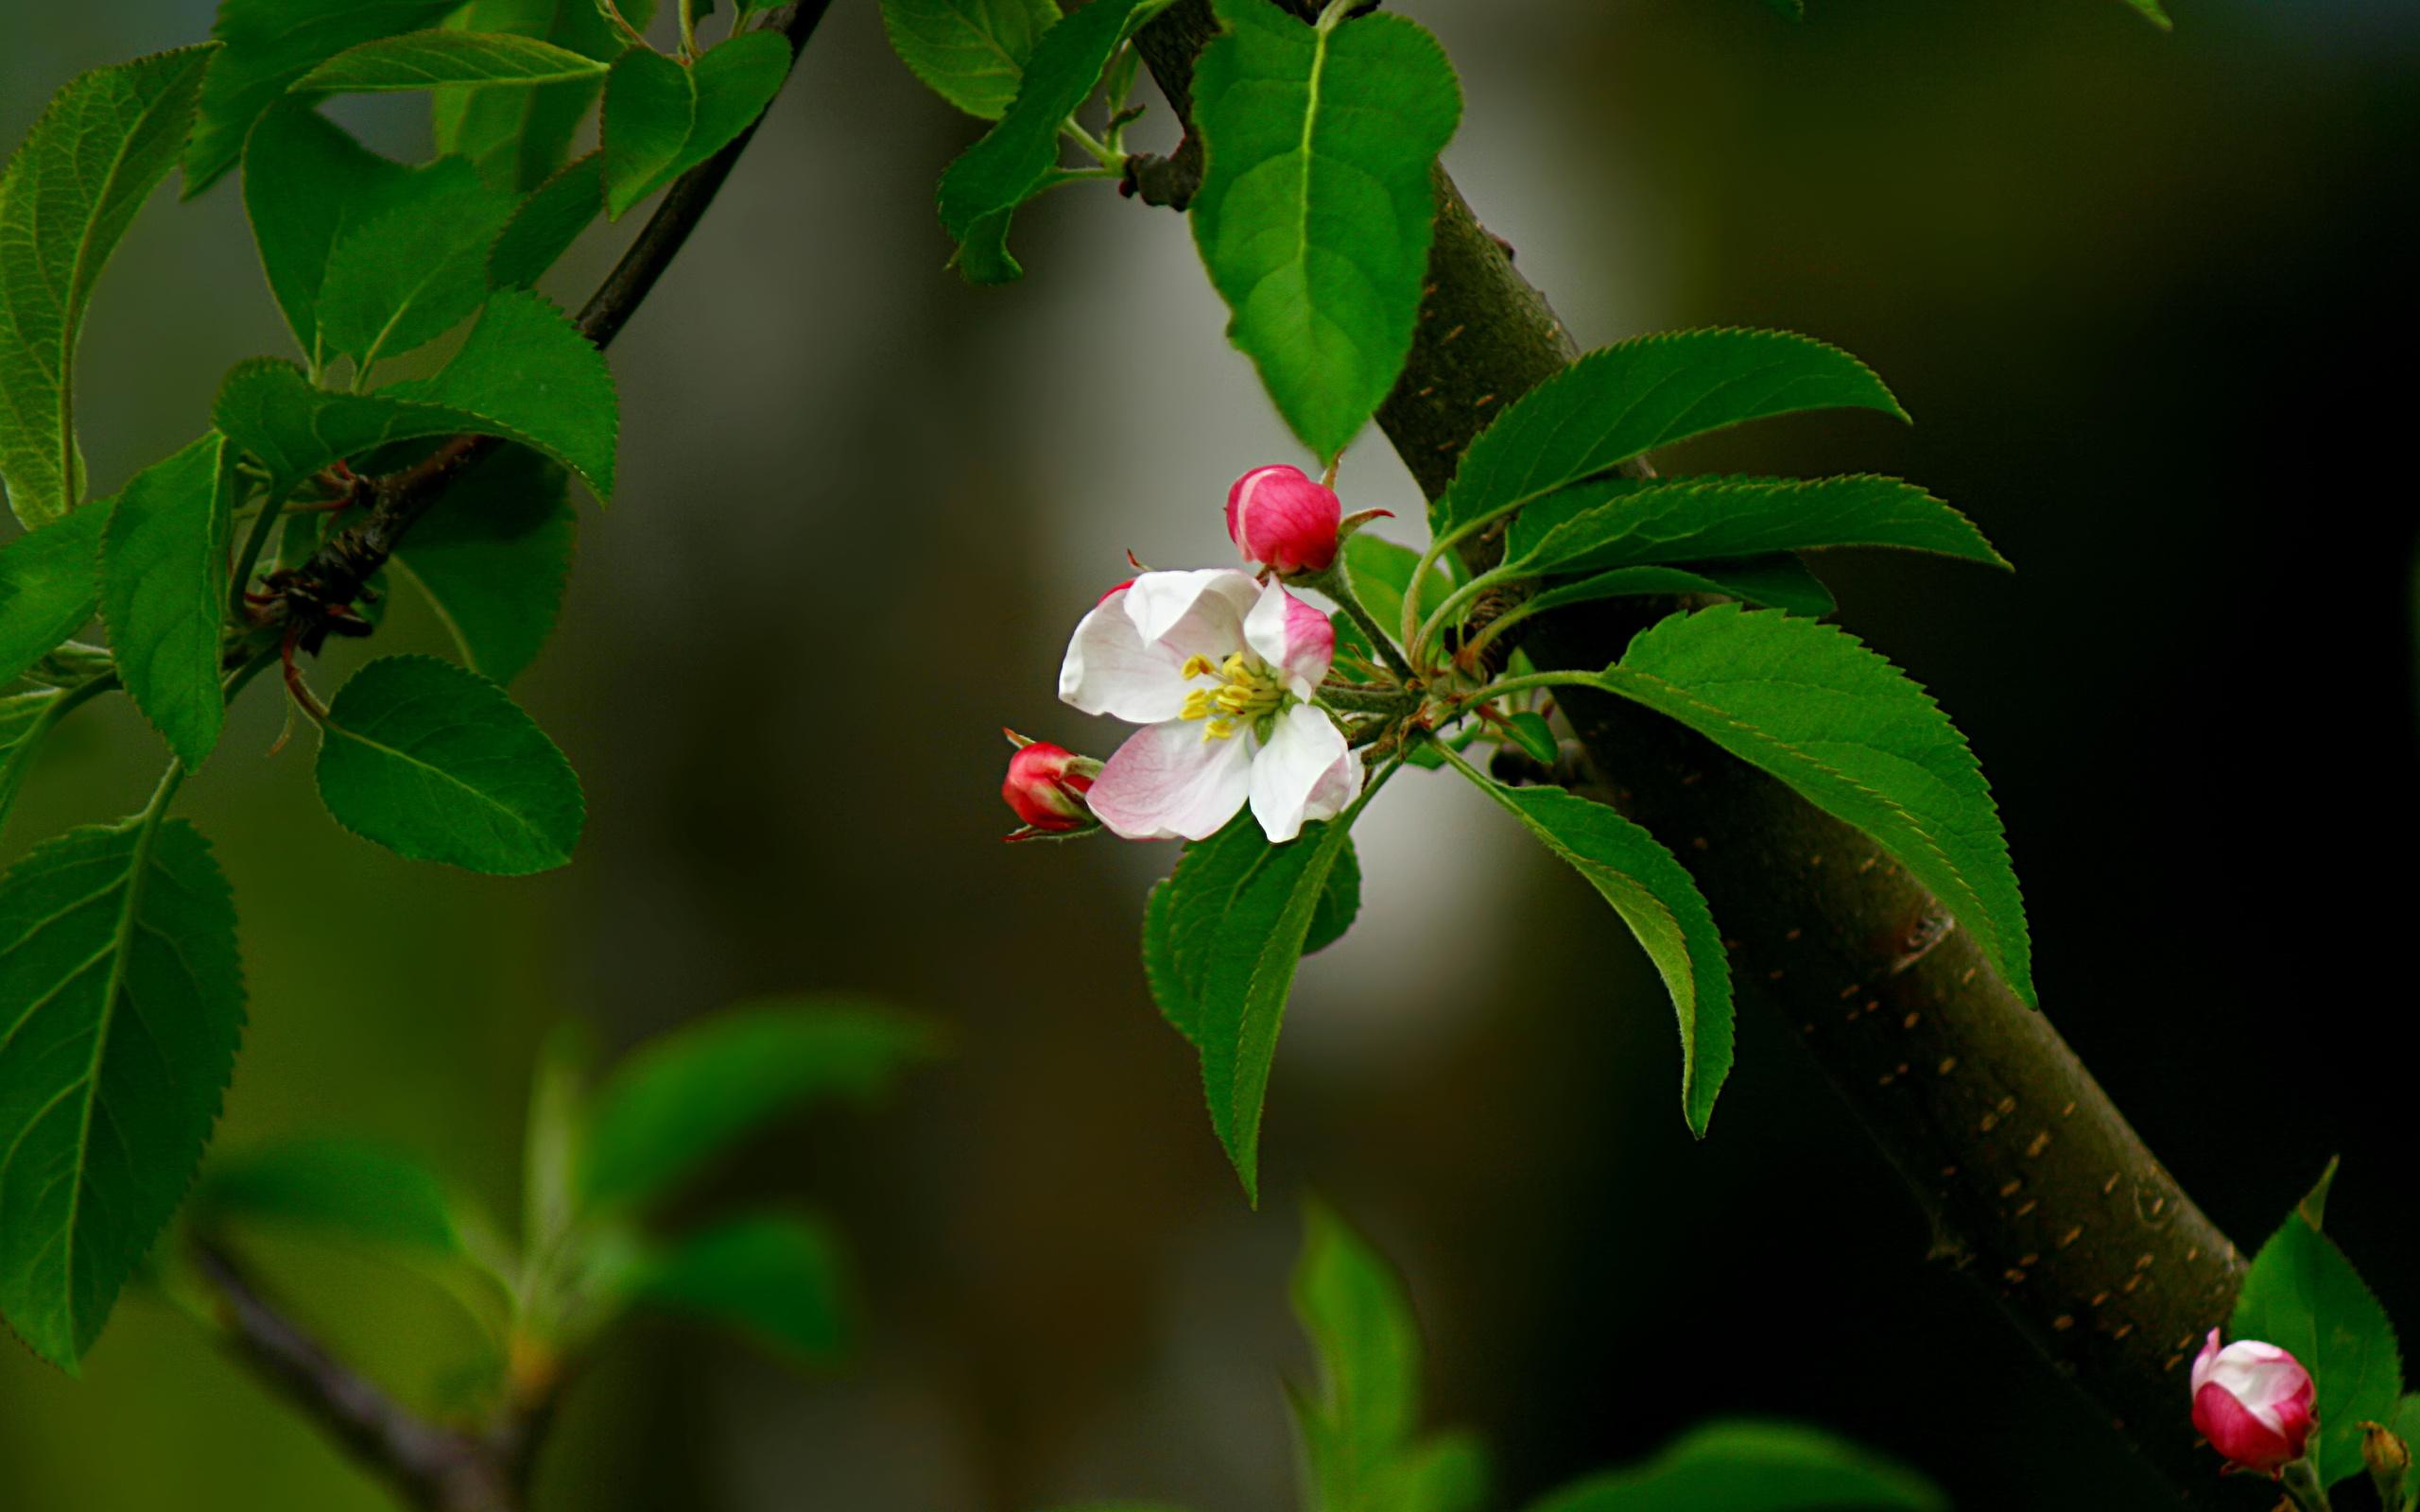 водитель цветы яблоки листья картинки тому так можно